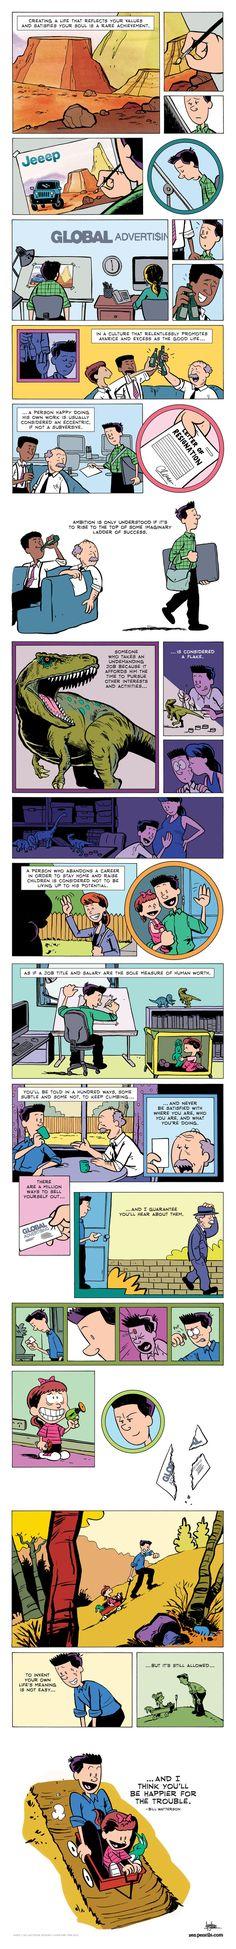 Comic Tribute to Bill Watterson